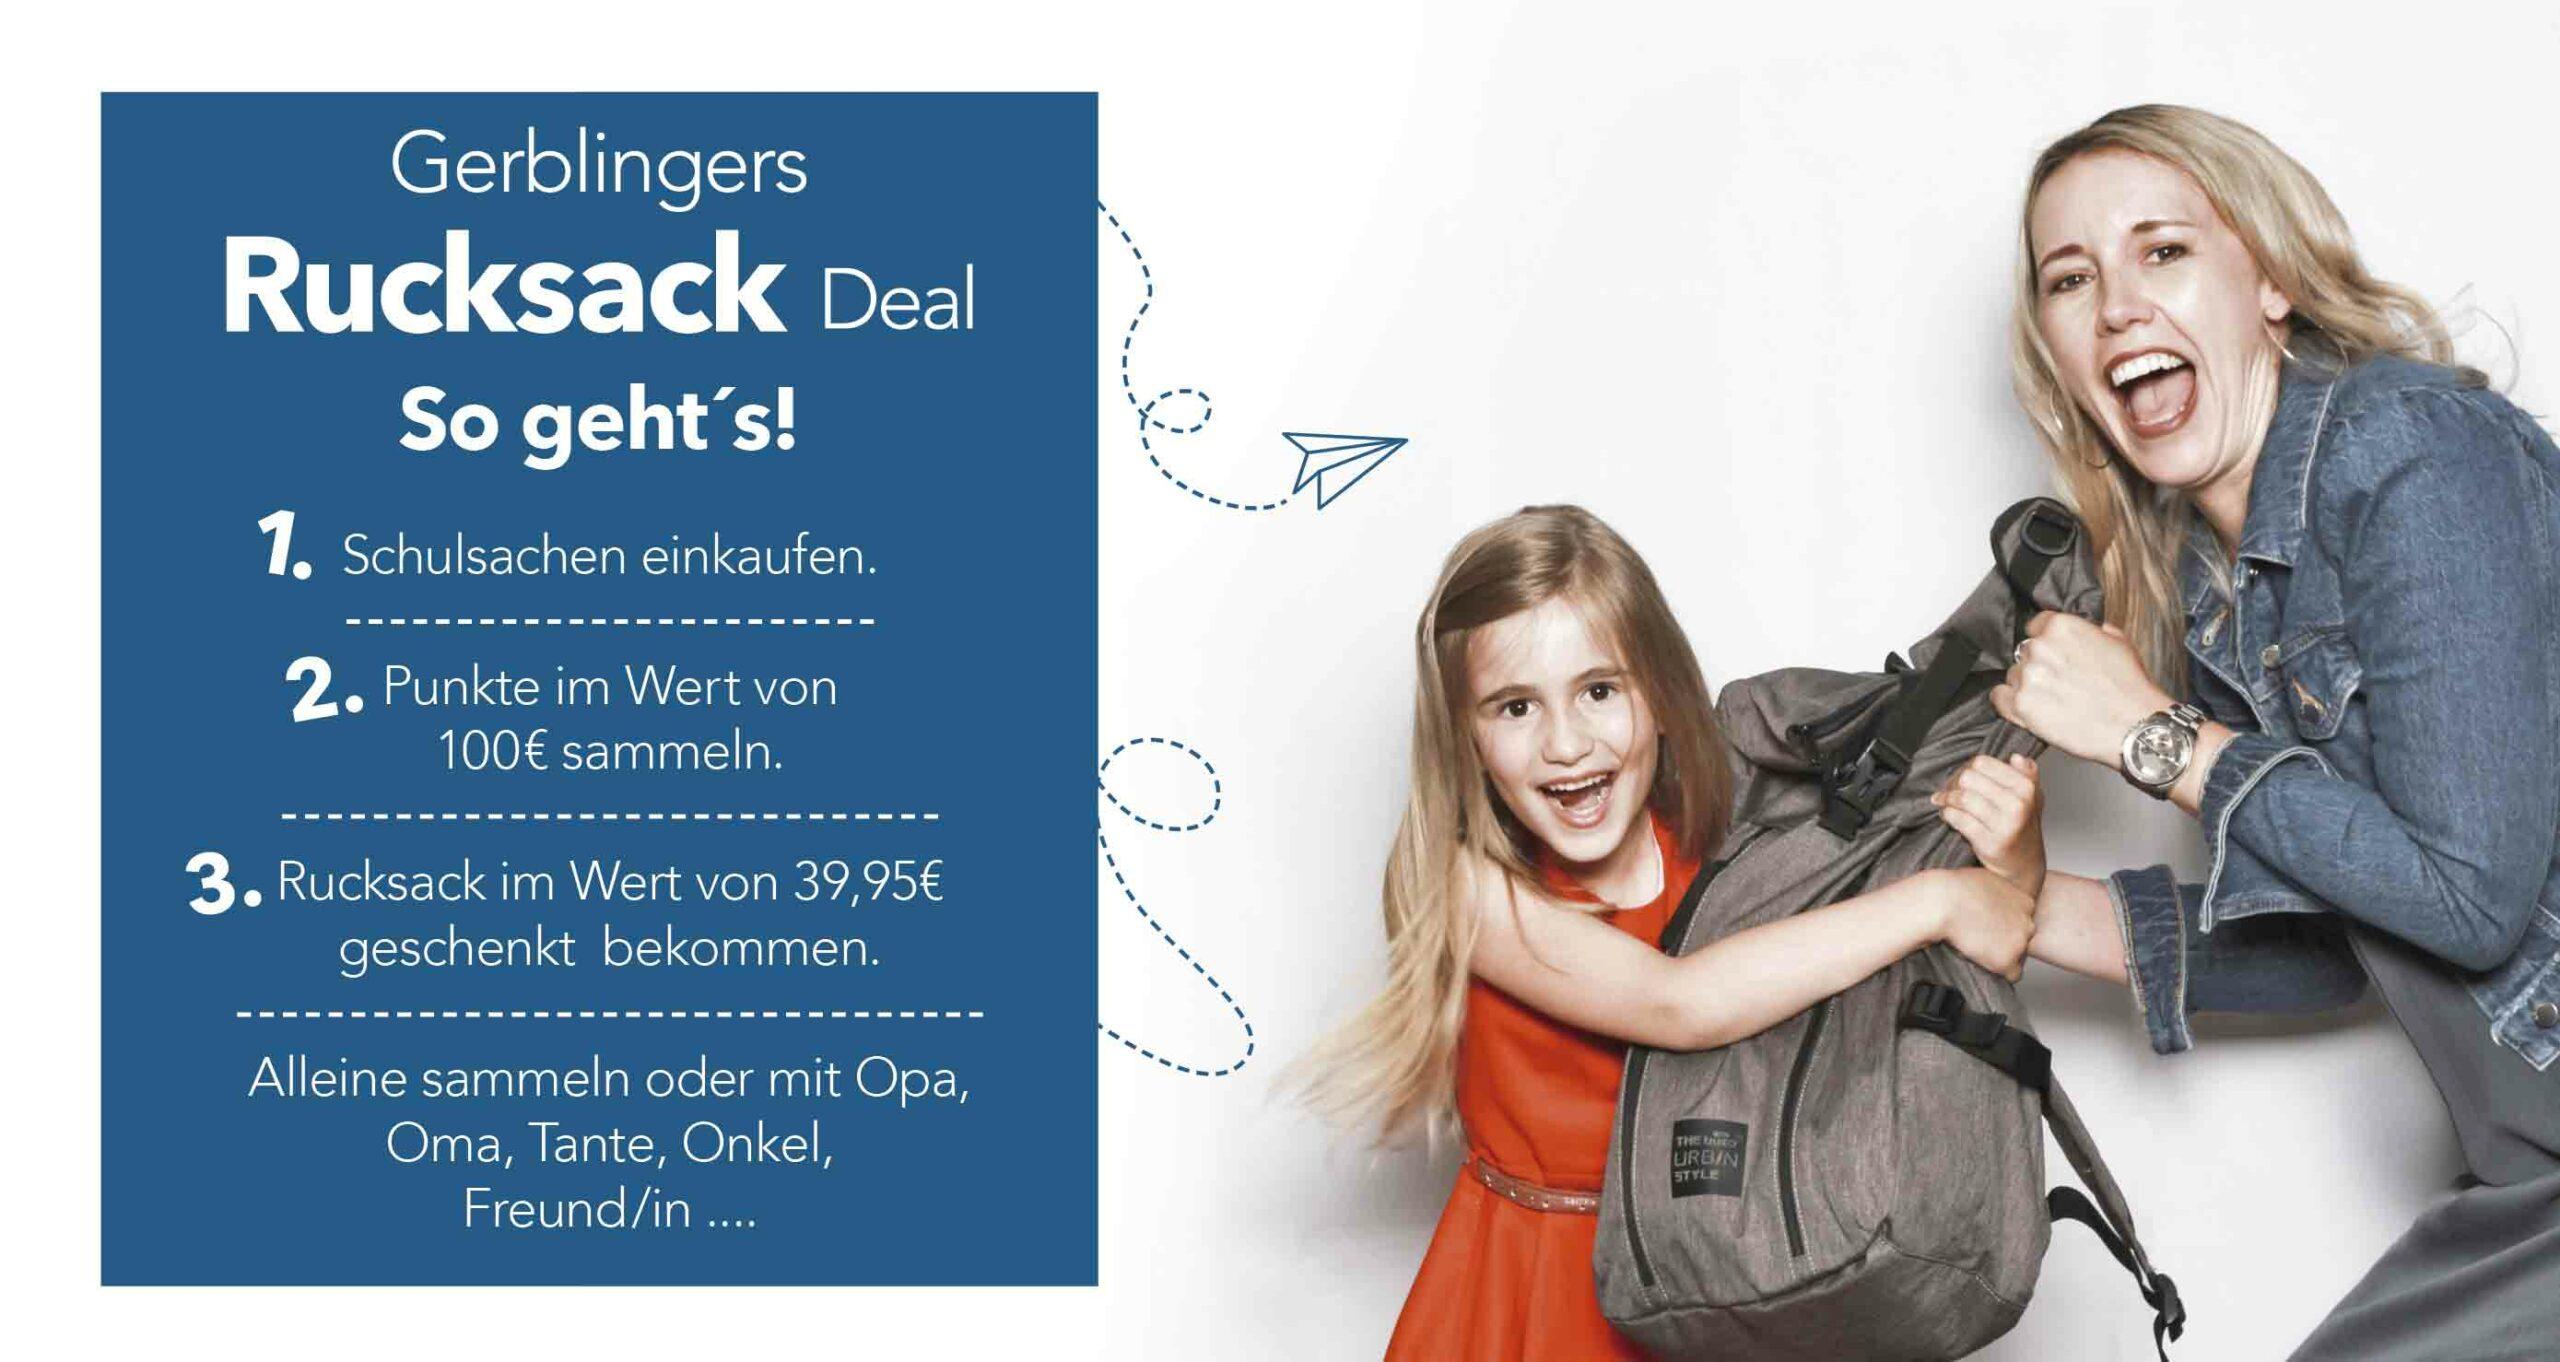 Rucksack Deal